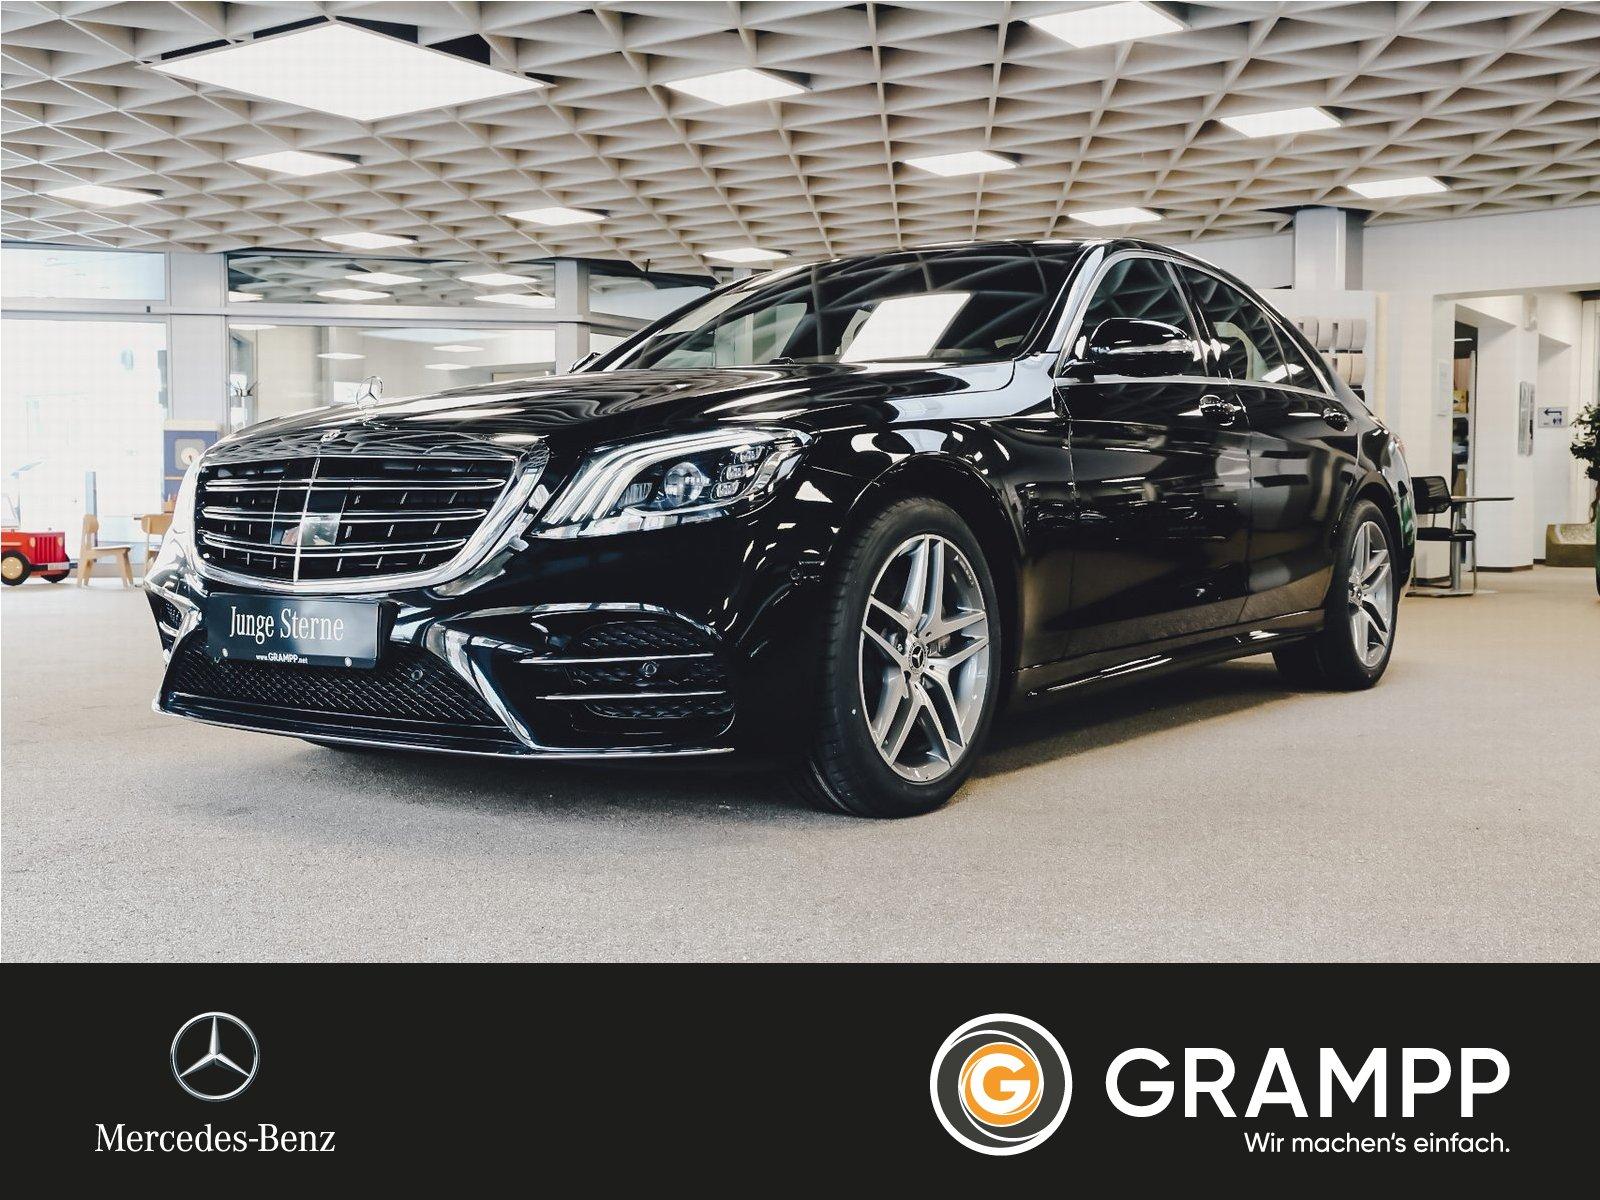 Mercedes-Benz S 450 AMG Distronic/Kamera/Massage/HUD/8-fach, Jahr 2019, hybrid